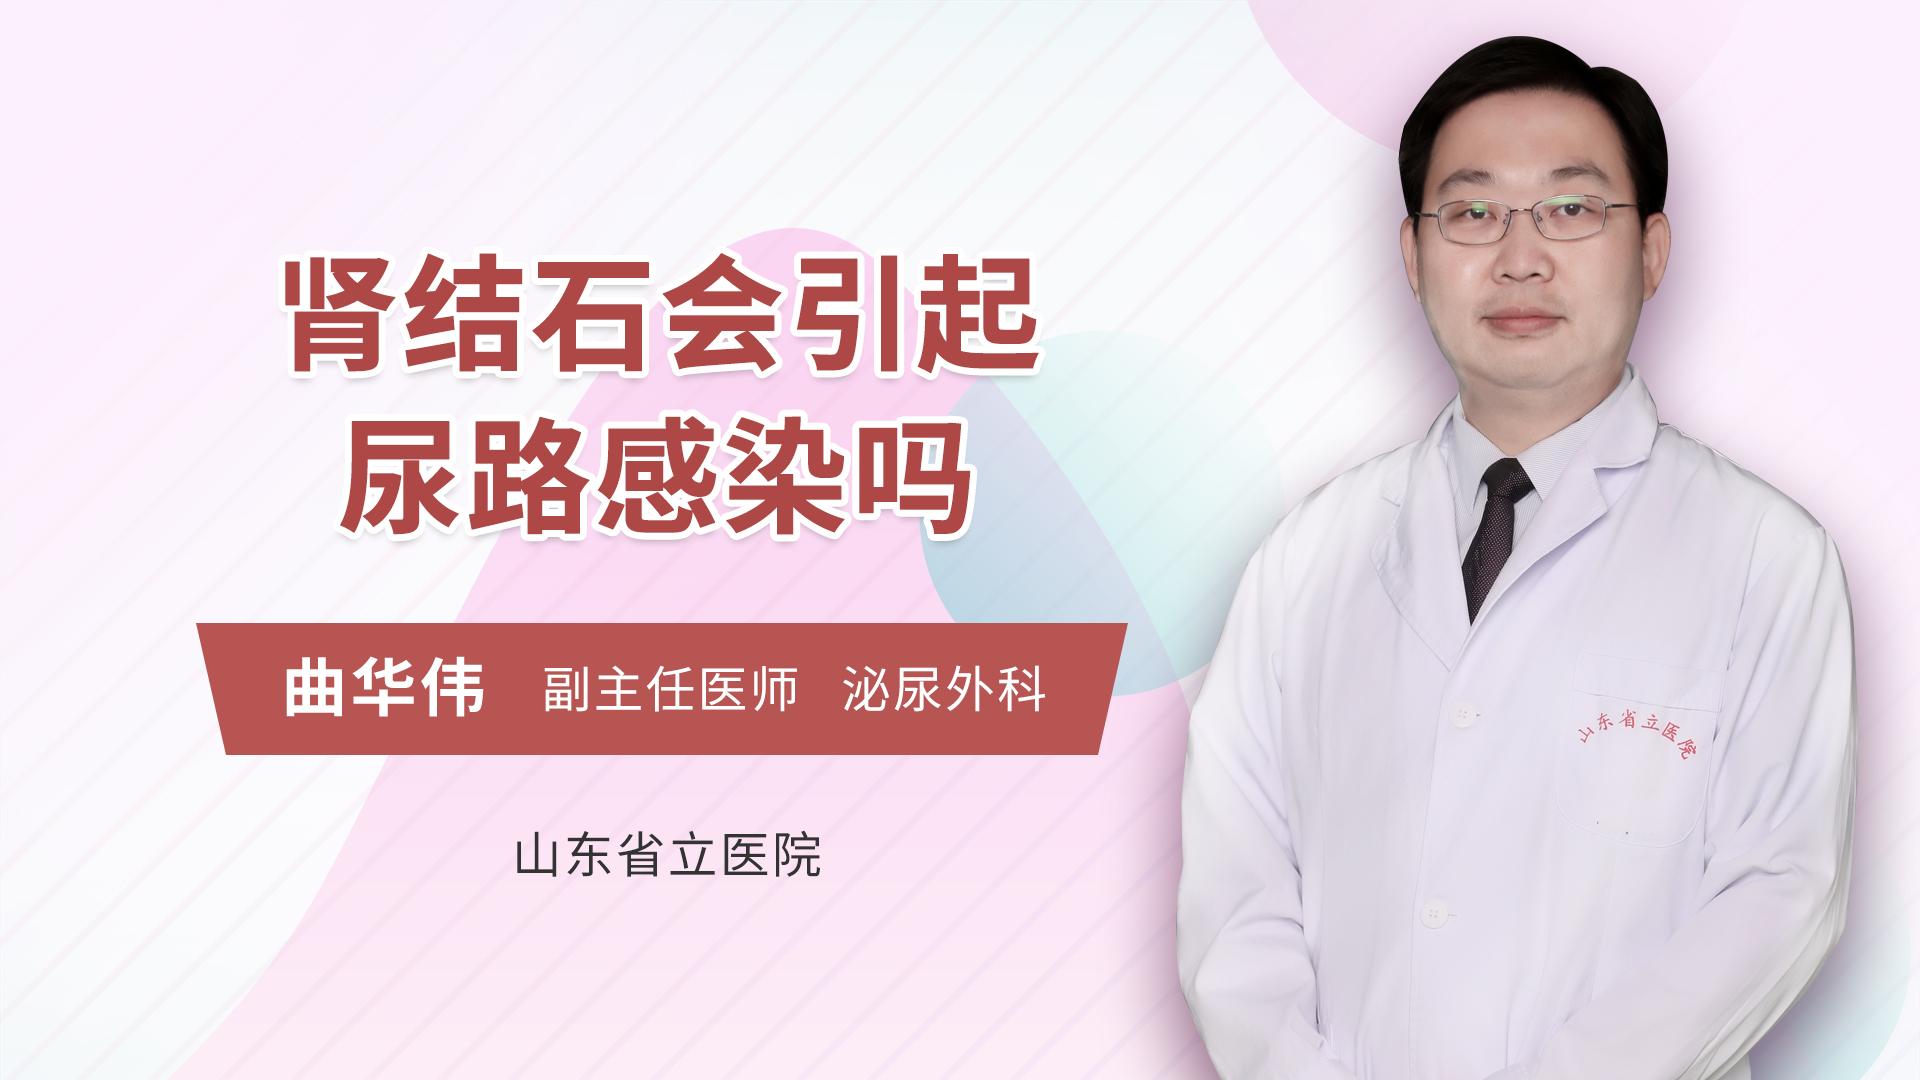 肾结石会引起尿路感染吗